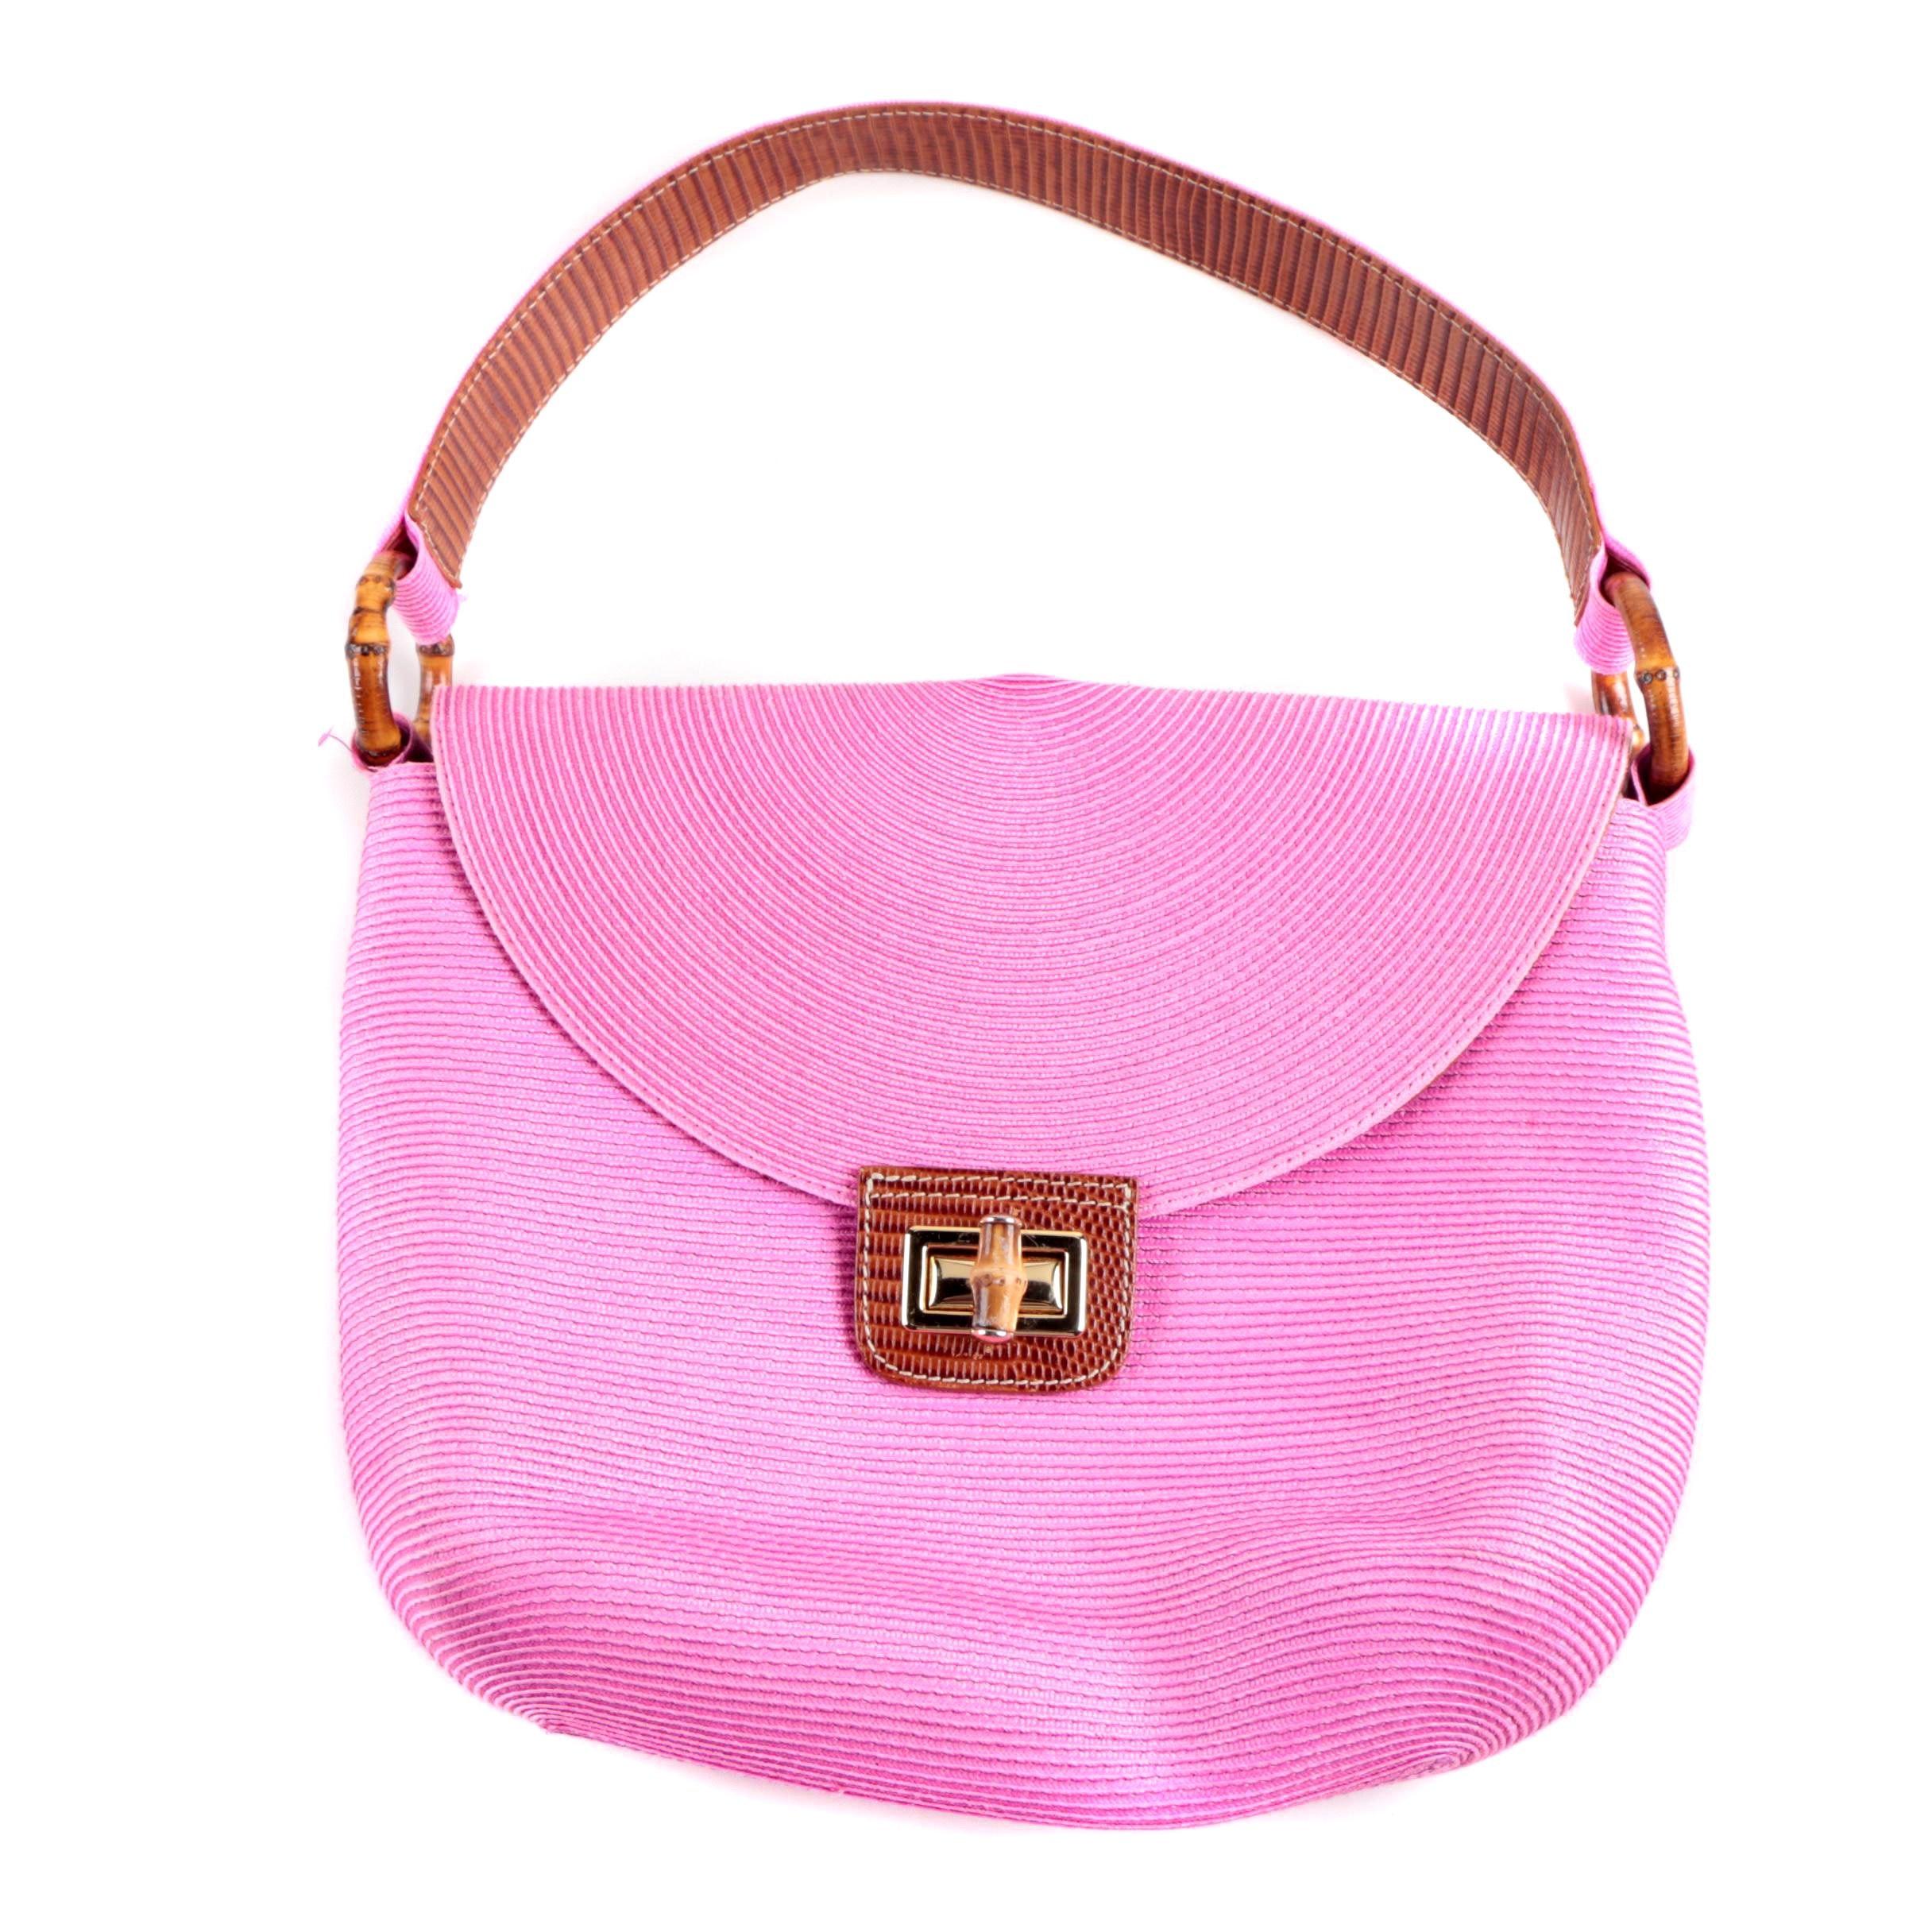 Eric Javits New York Squishee Handbag